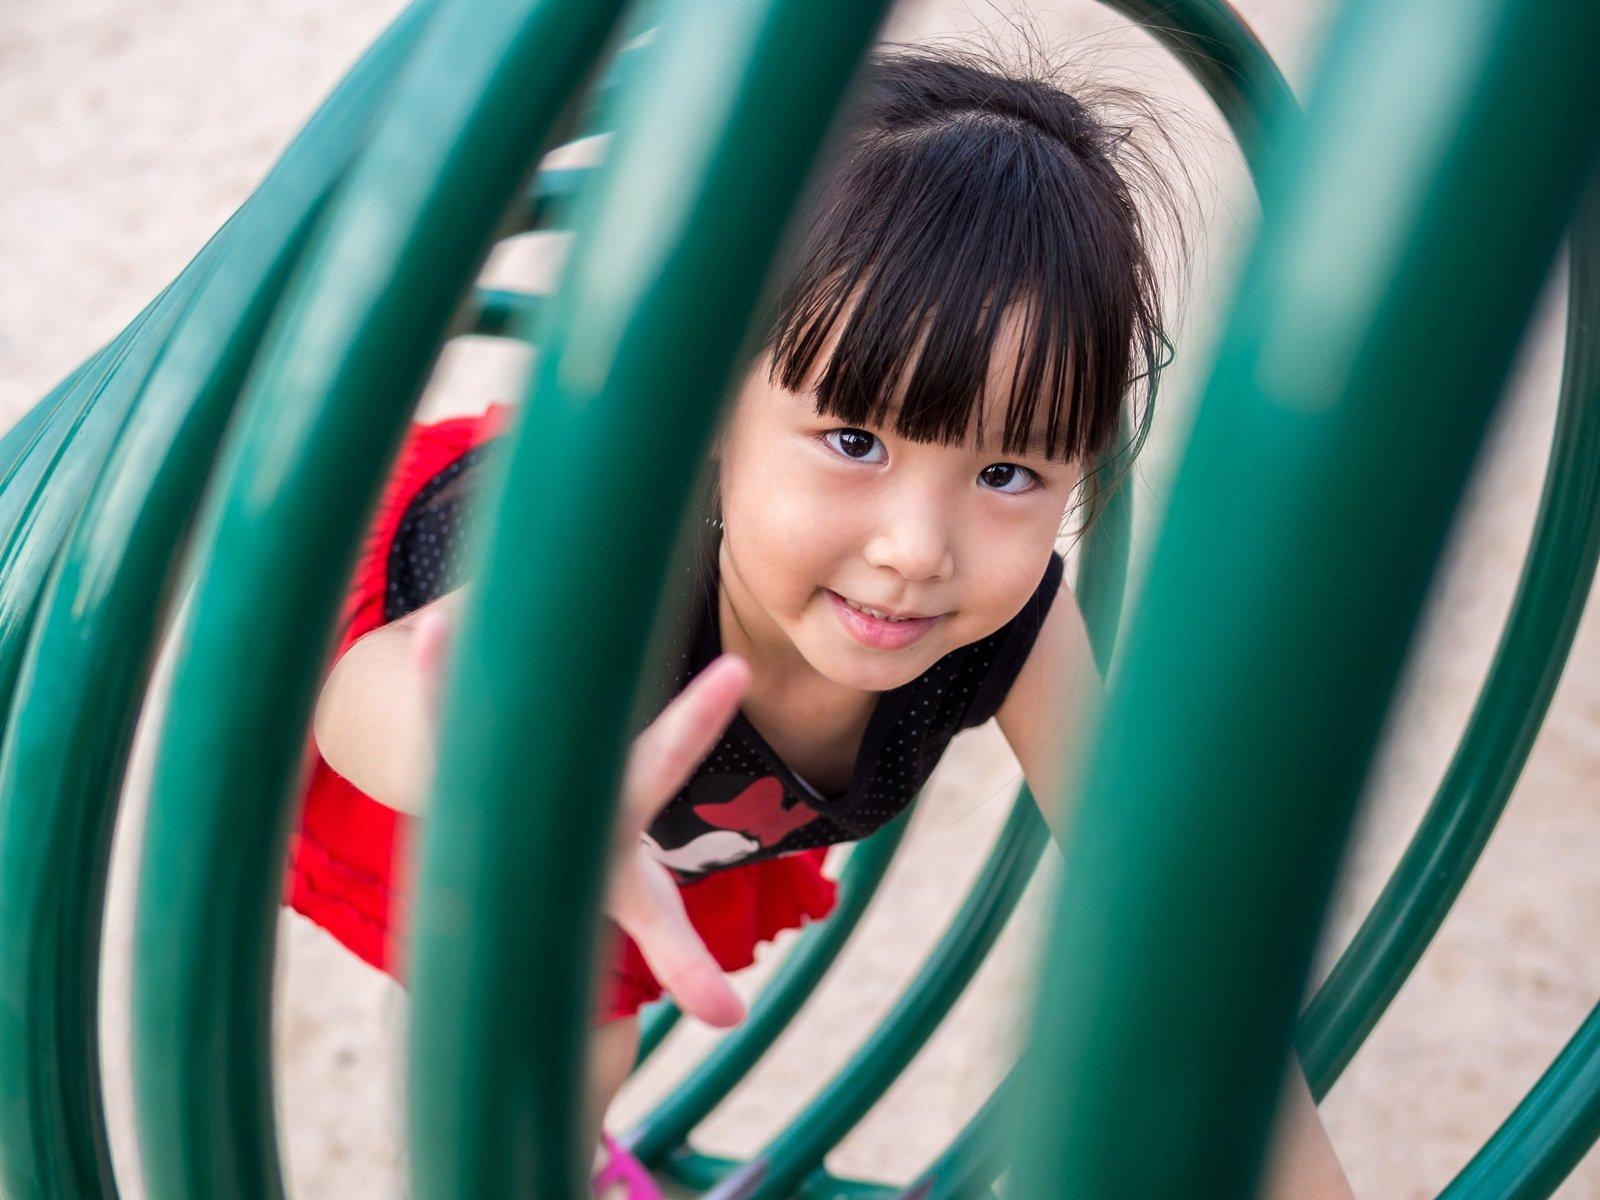 เคล็ด(ไม่)ลับ สร้างสุขเด็กไทย thaihealth